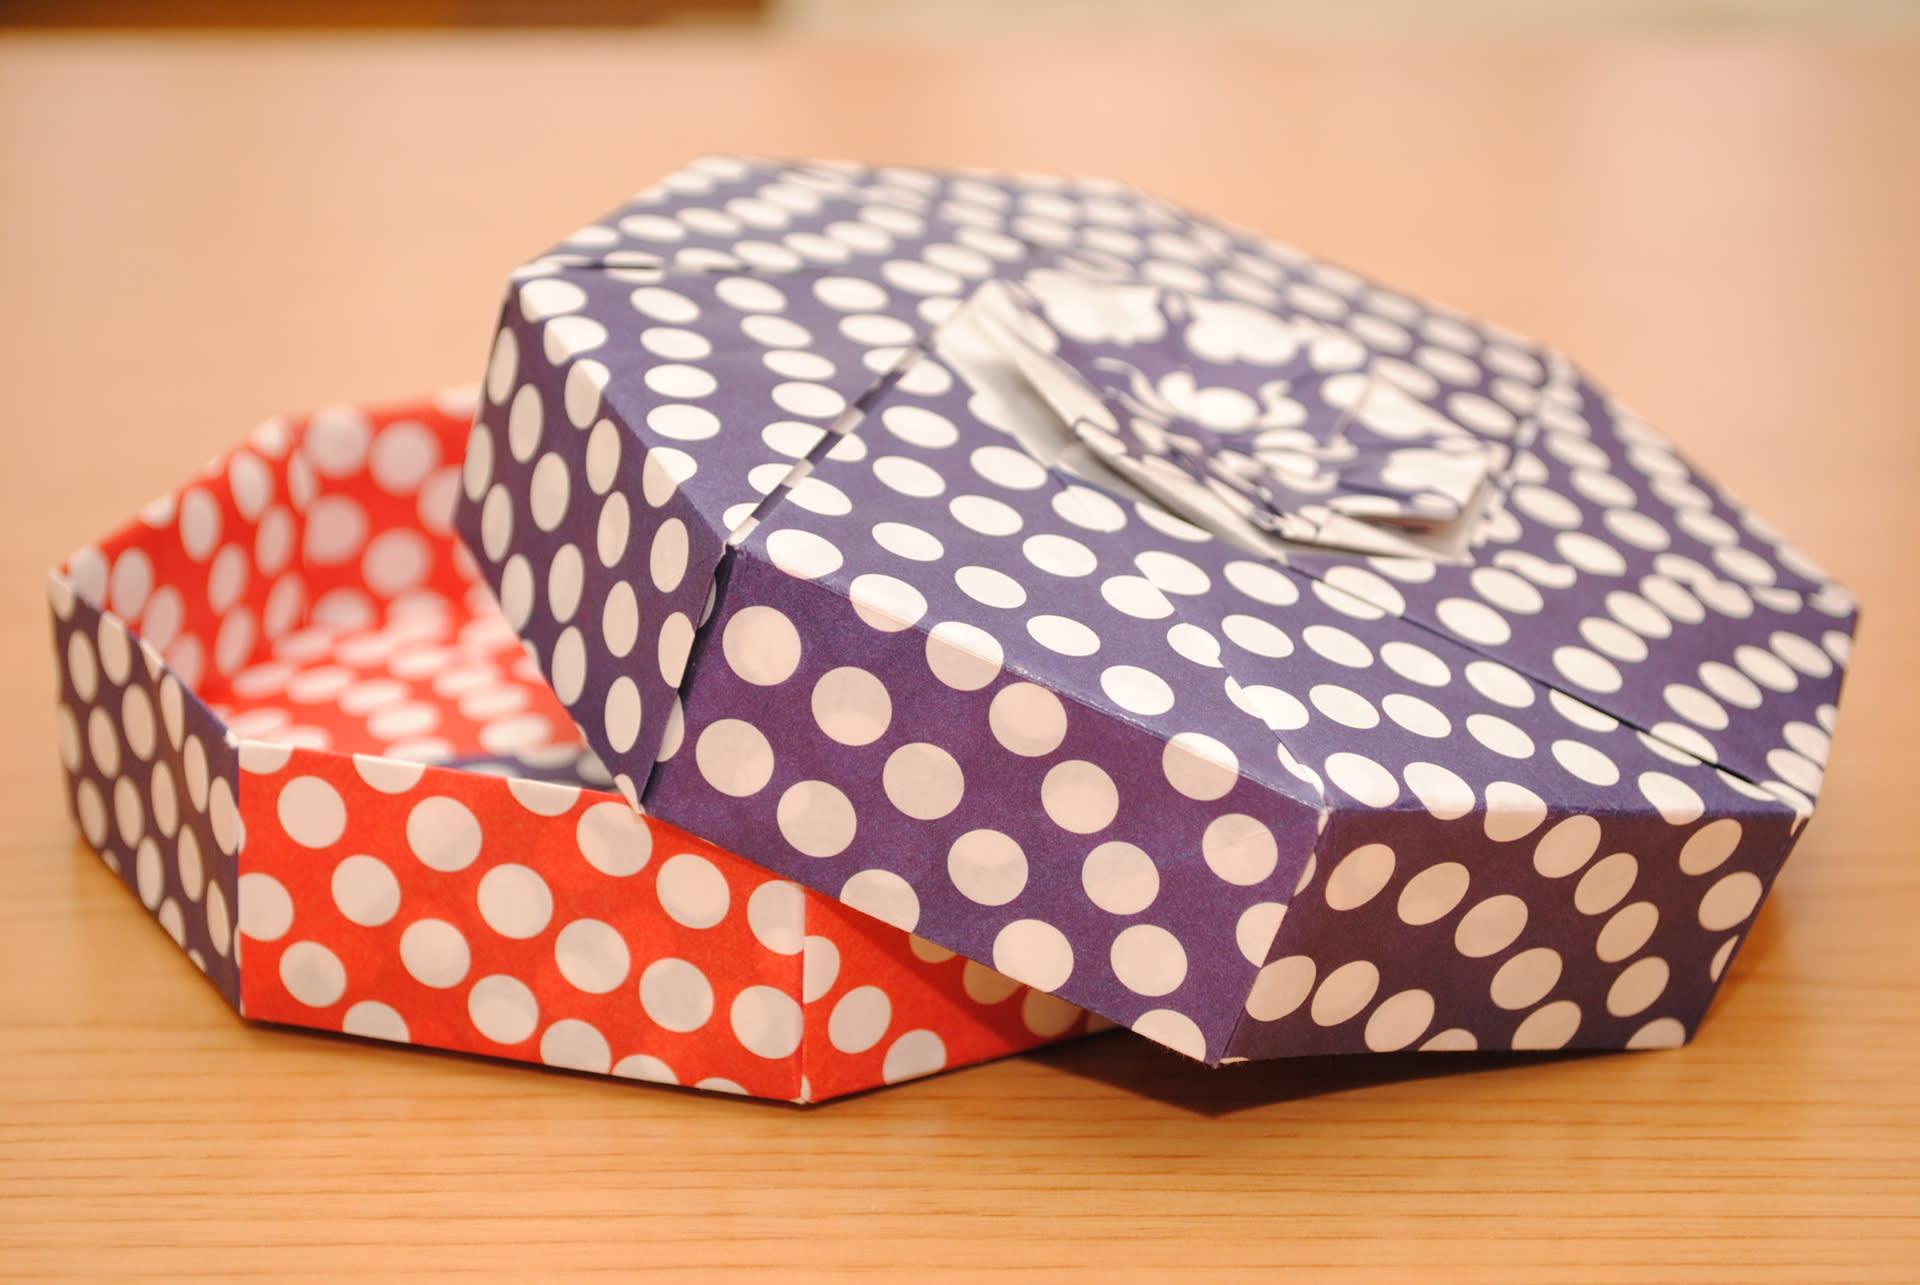 折り紙で作った四角形の箱は ... : 紙で箱を折る : すべての講義